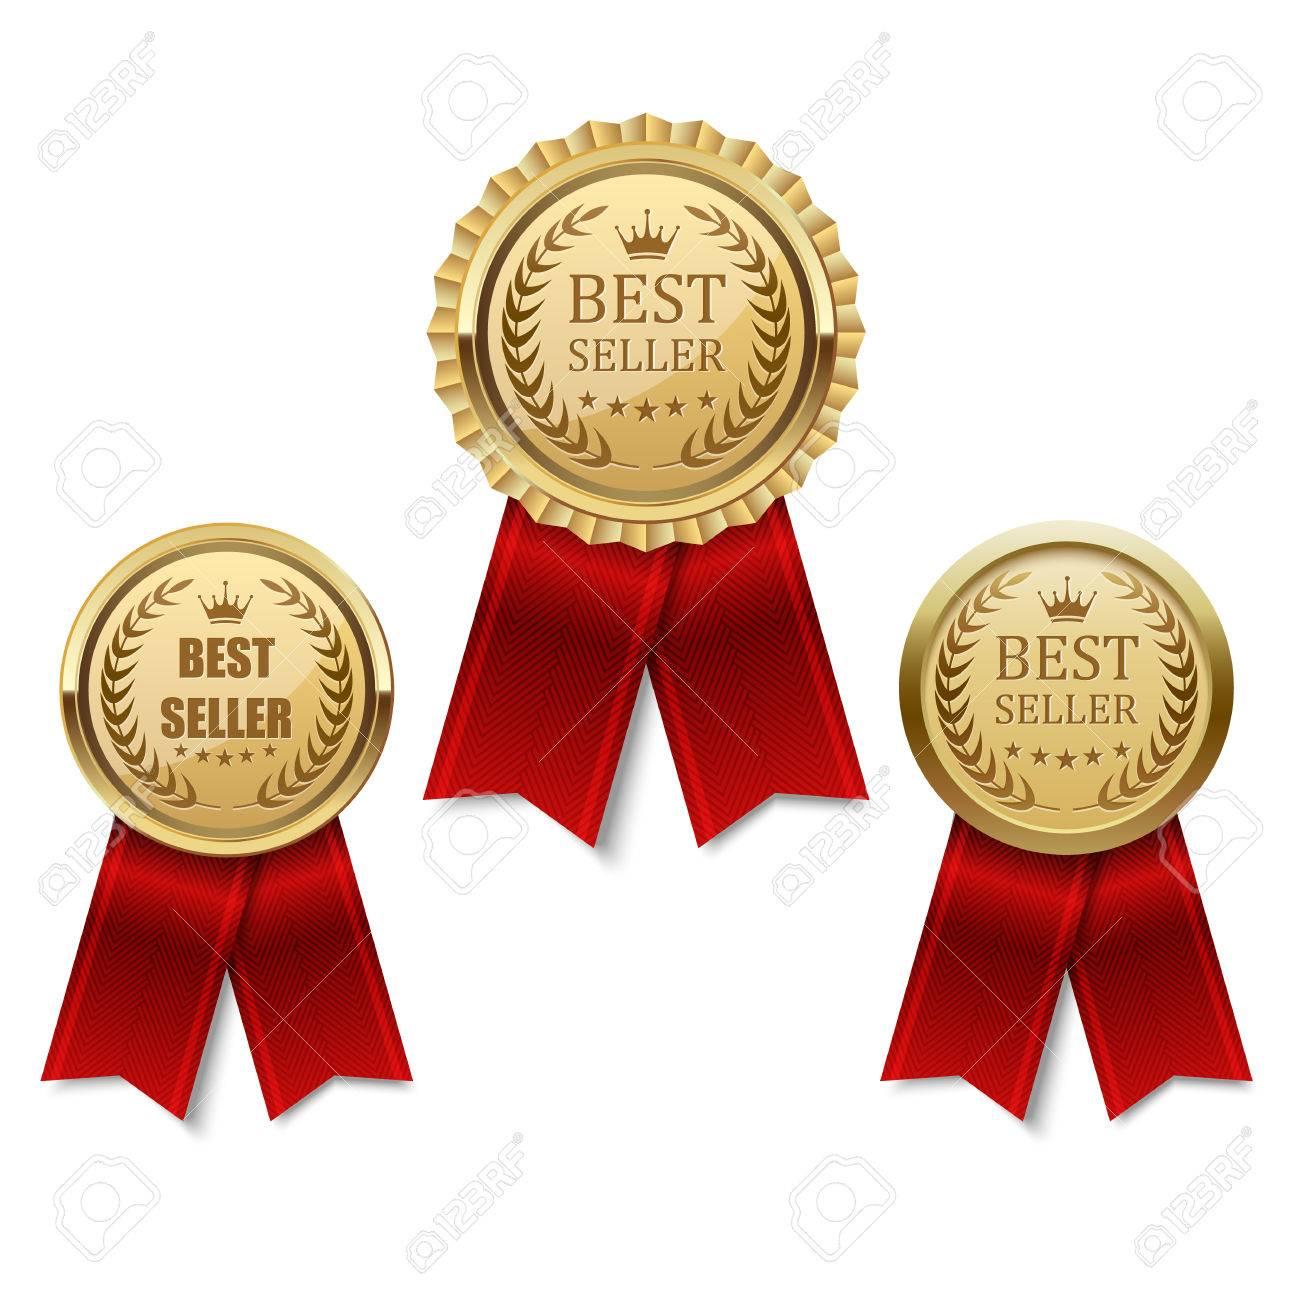 Set of Best seller golden label - 53161914